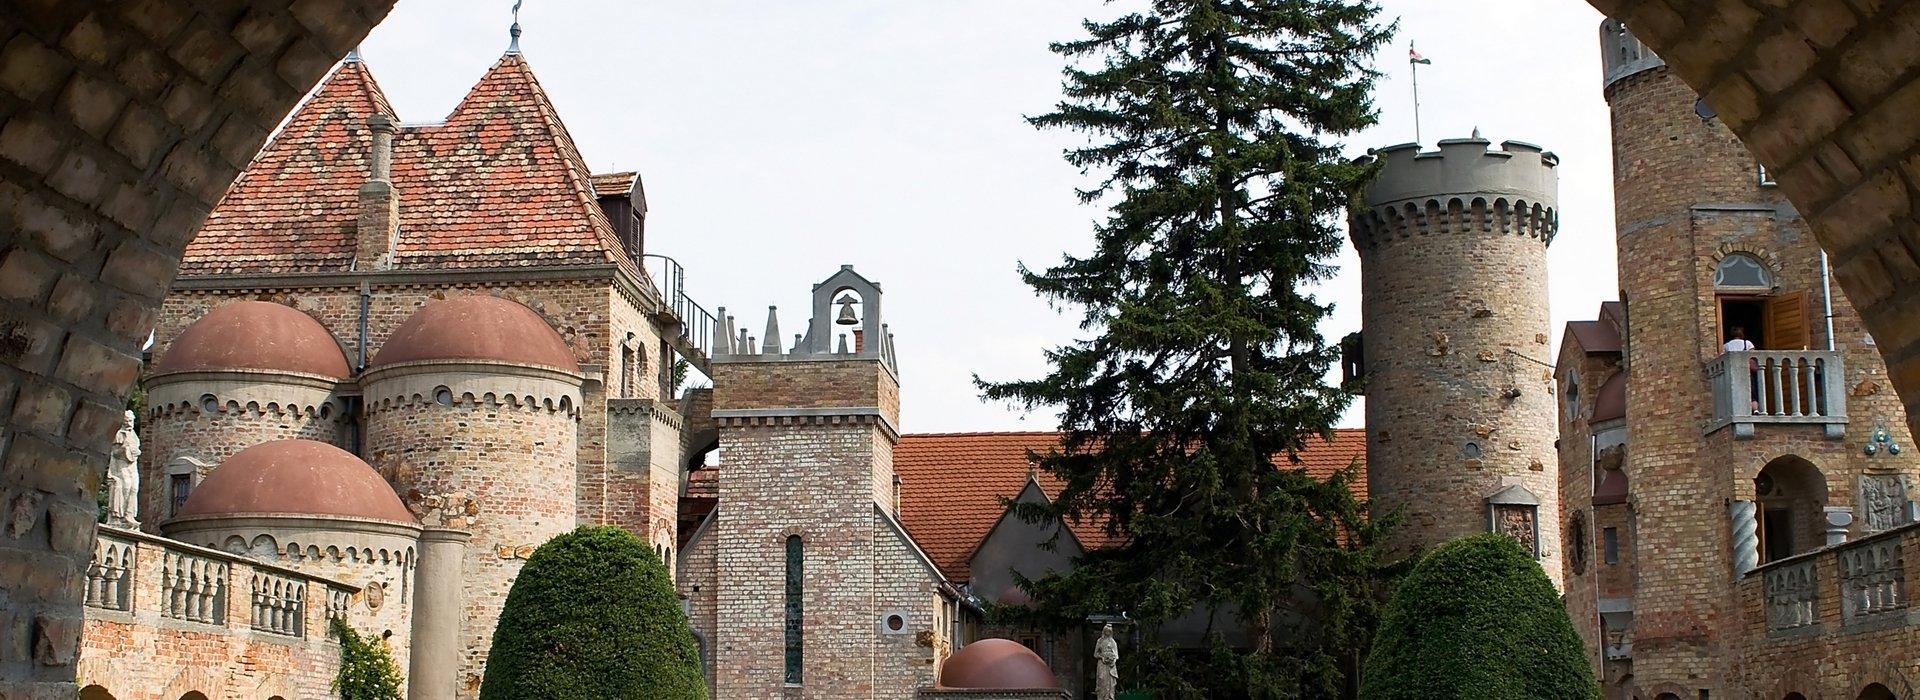 Székesfehérvárer Árpád Bad